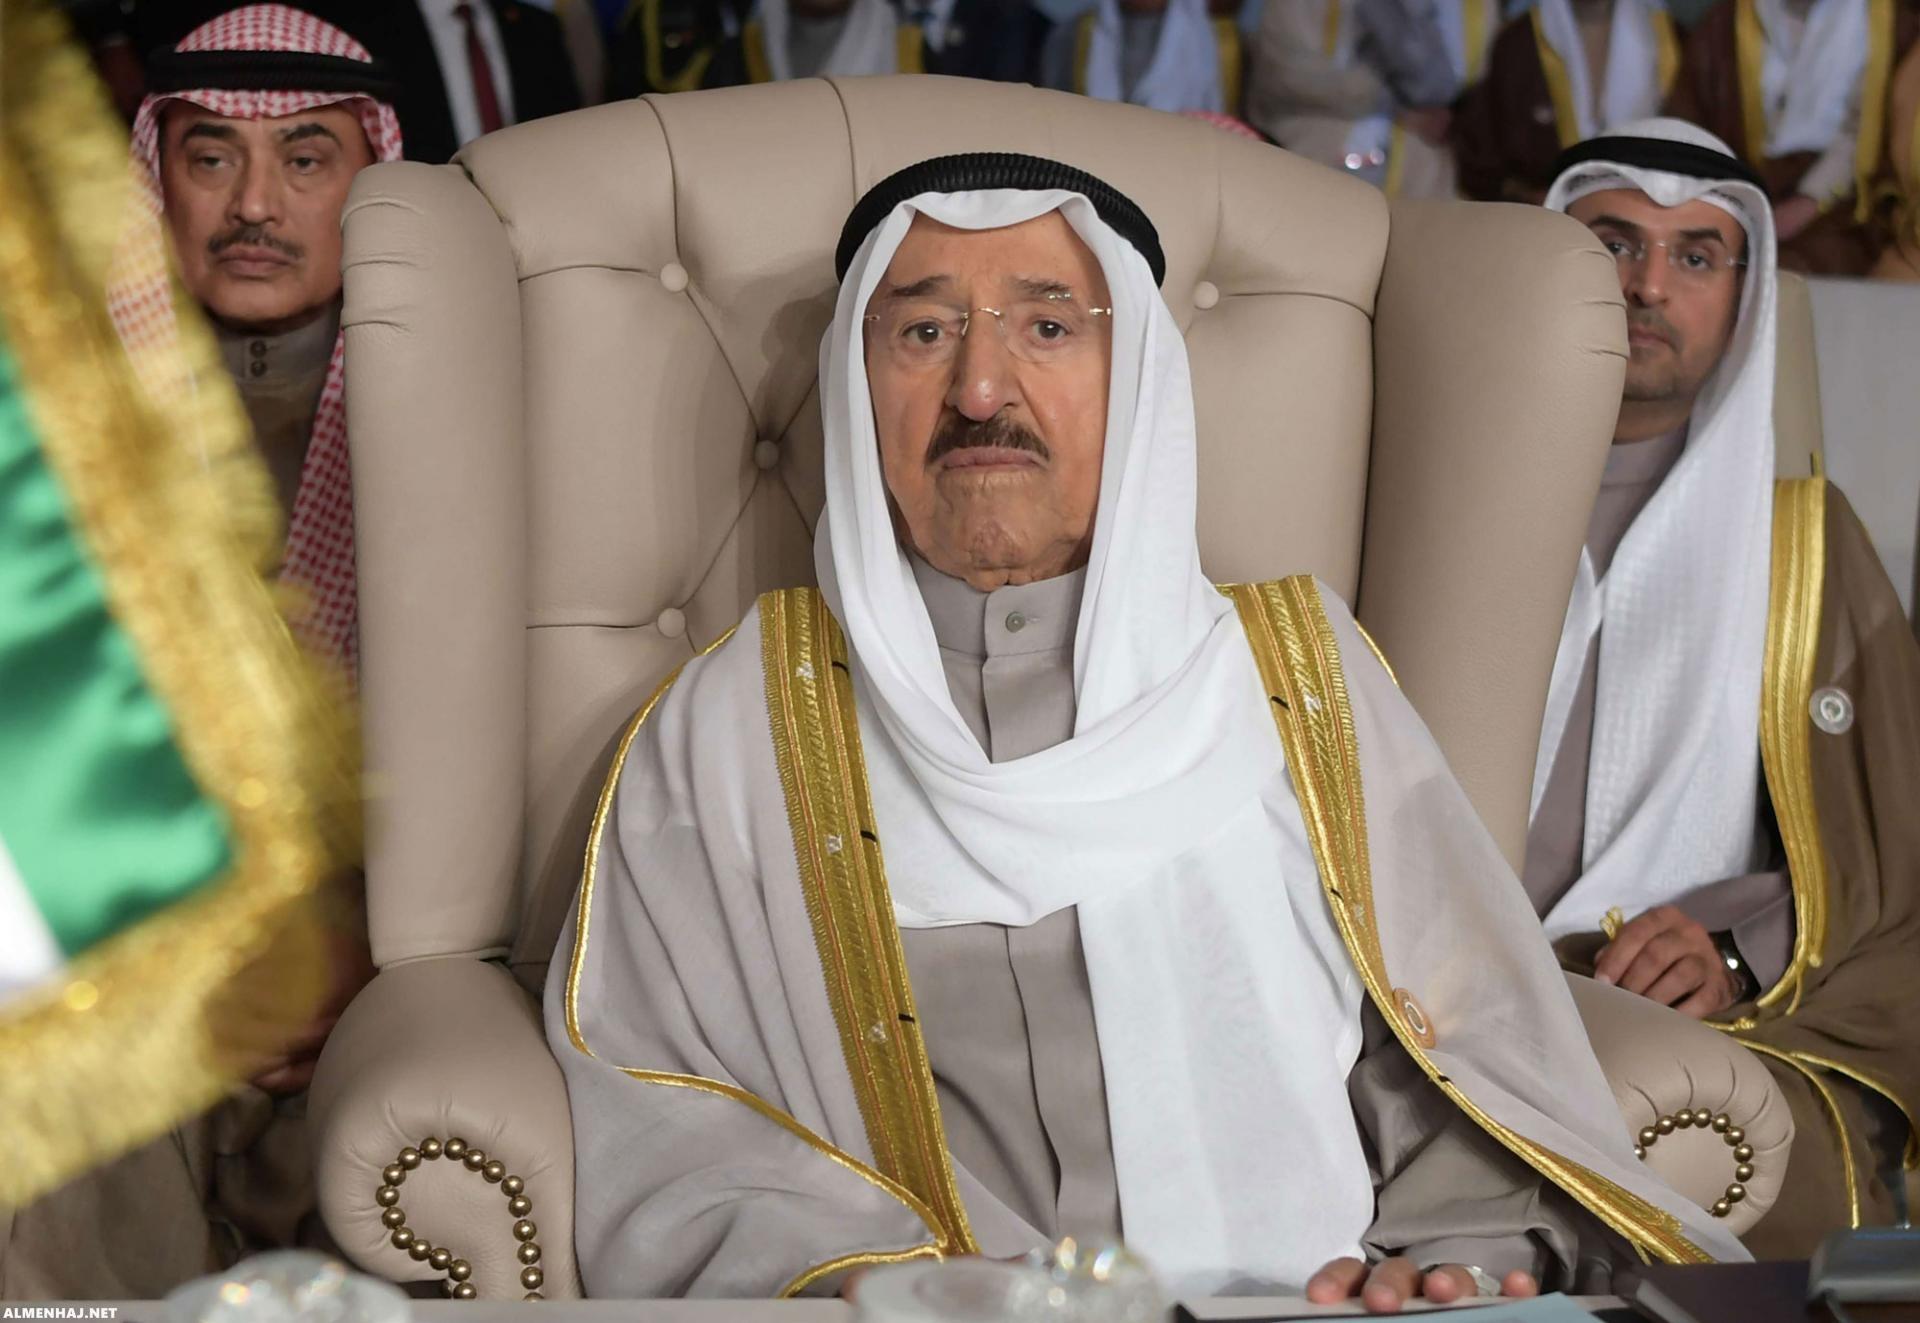 صور حزينة عن بابا صباح الجابر